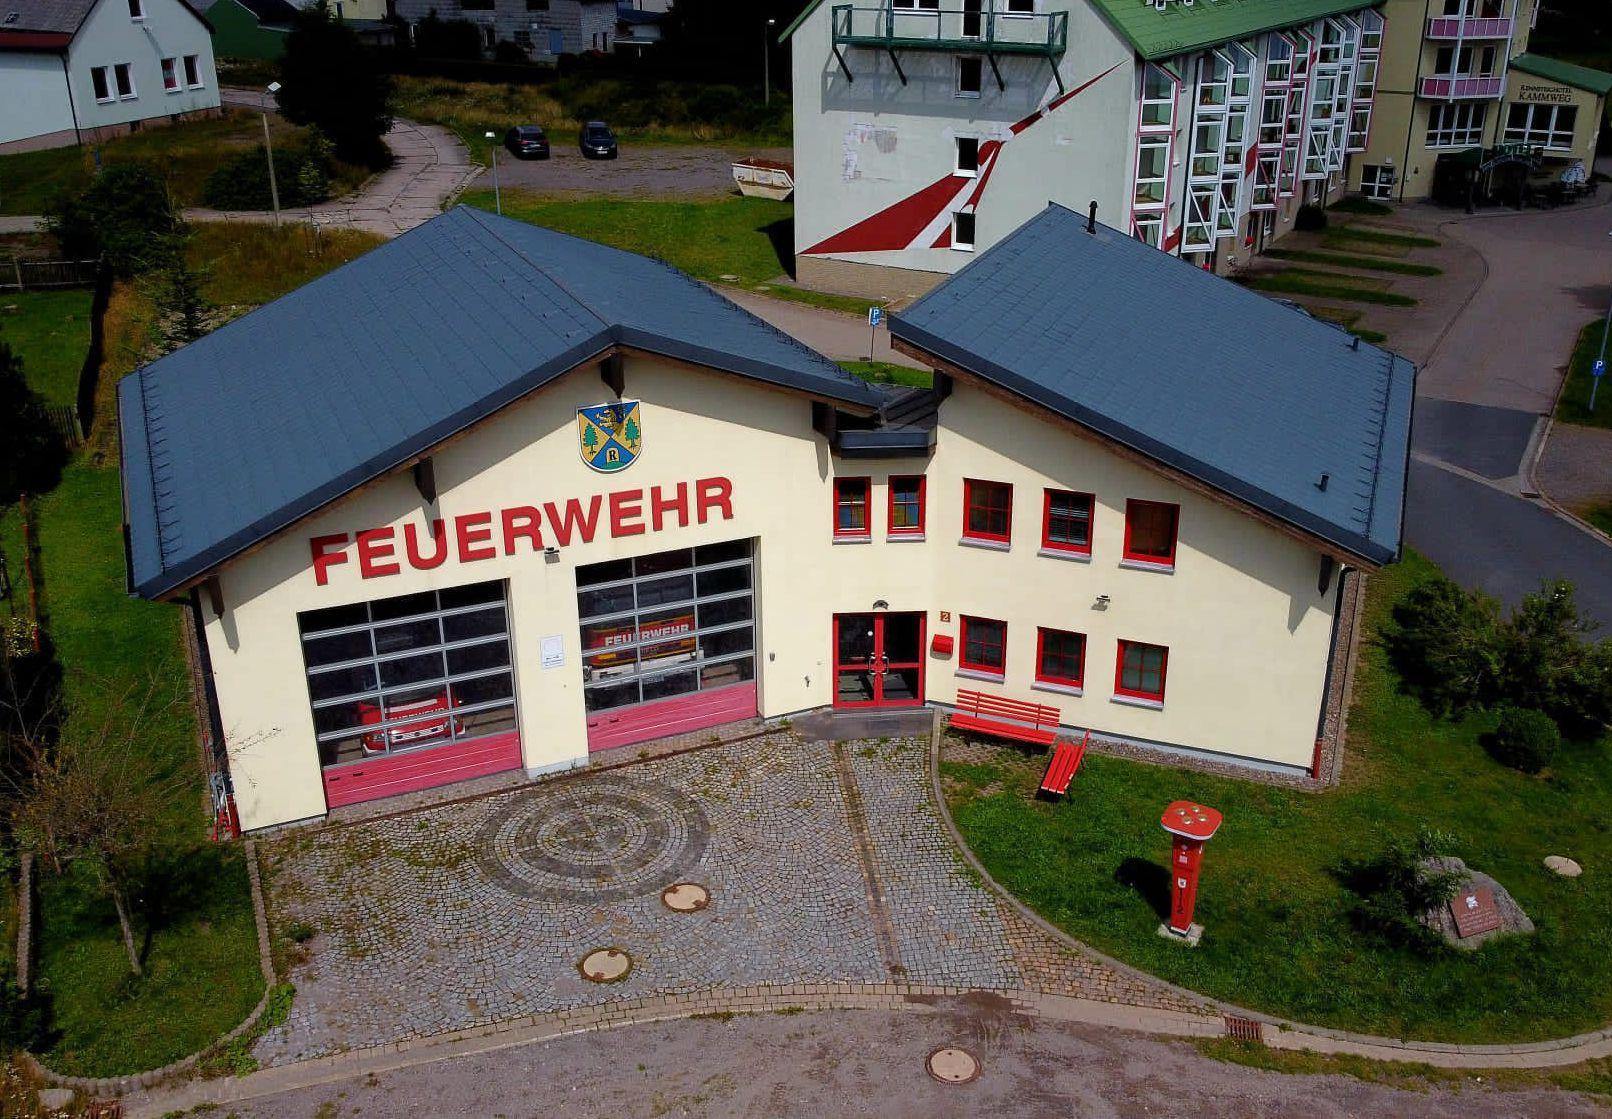 Feuerwehrgebäude Neustadt a. Rstg.